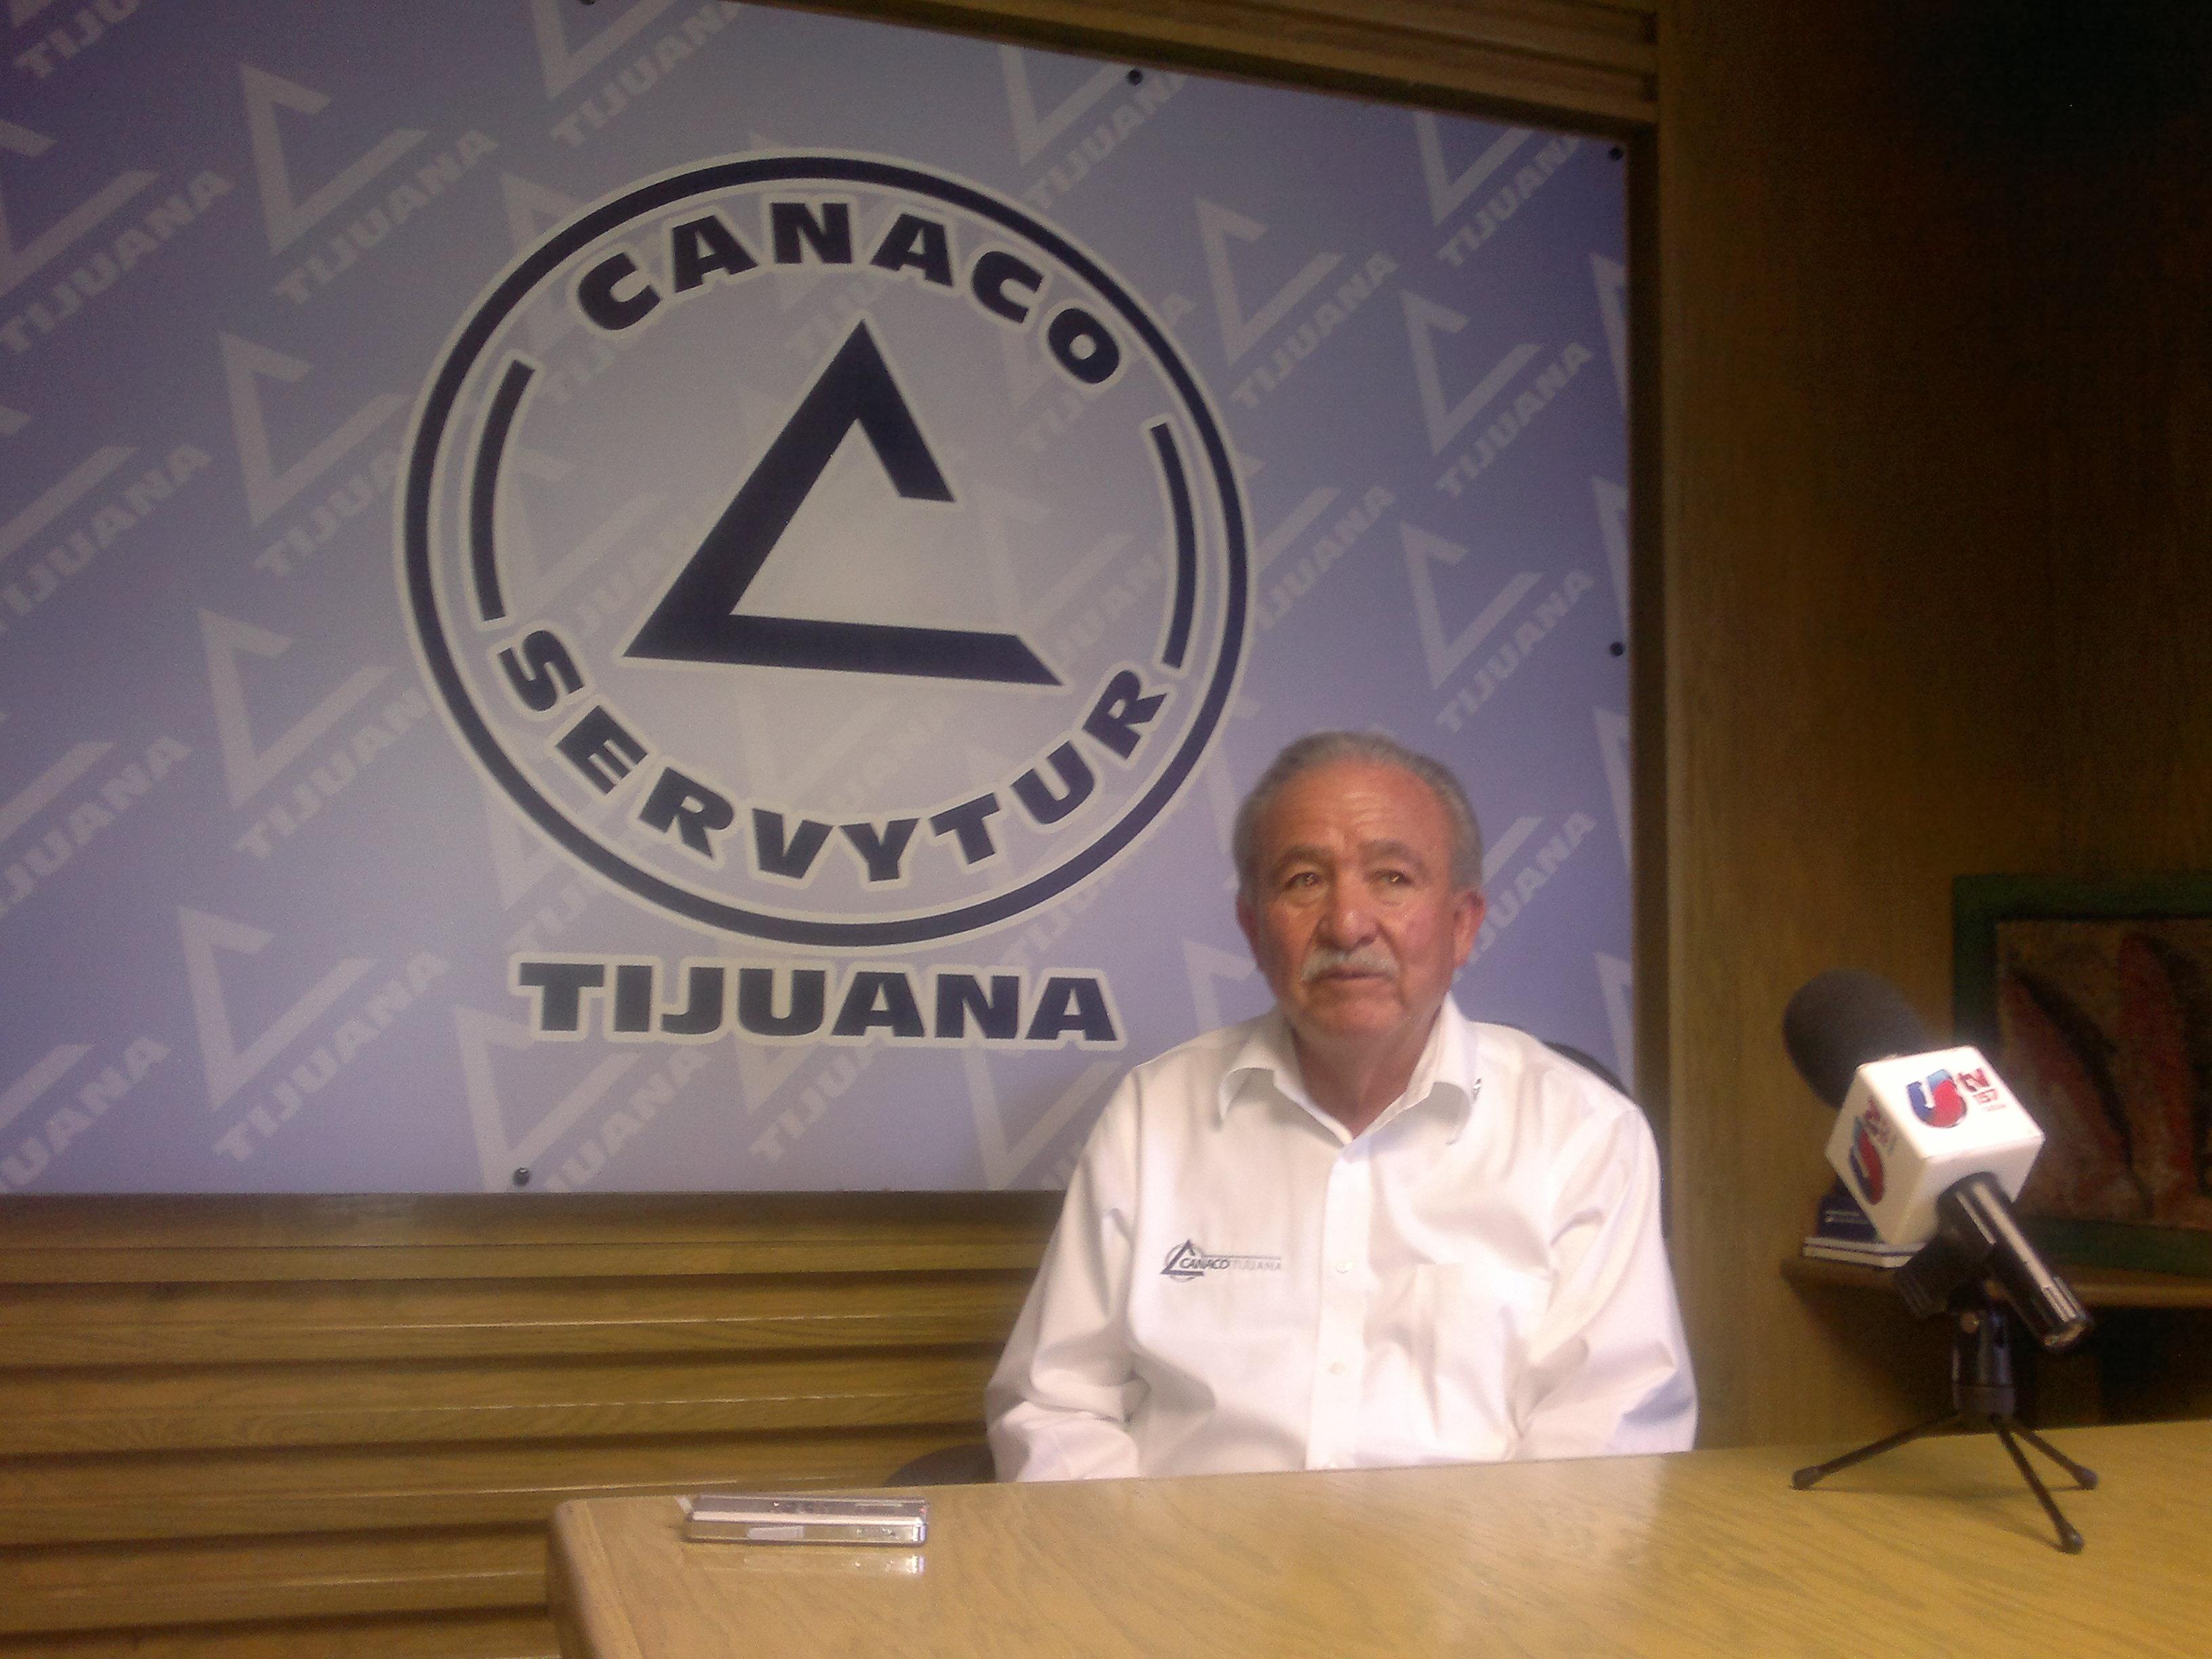 Canaco tiene Finanzas sanas y ahora si habrá toma de protesta: Gilberto Leyva Camacho